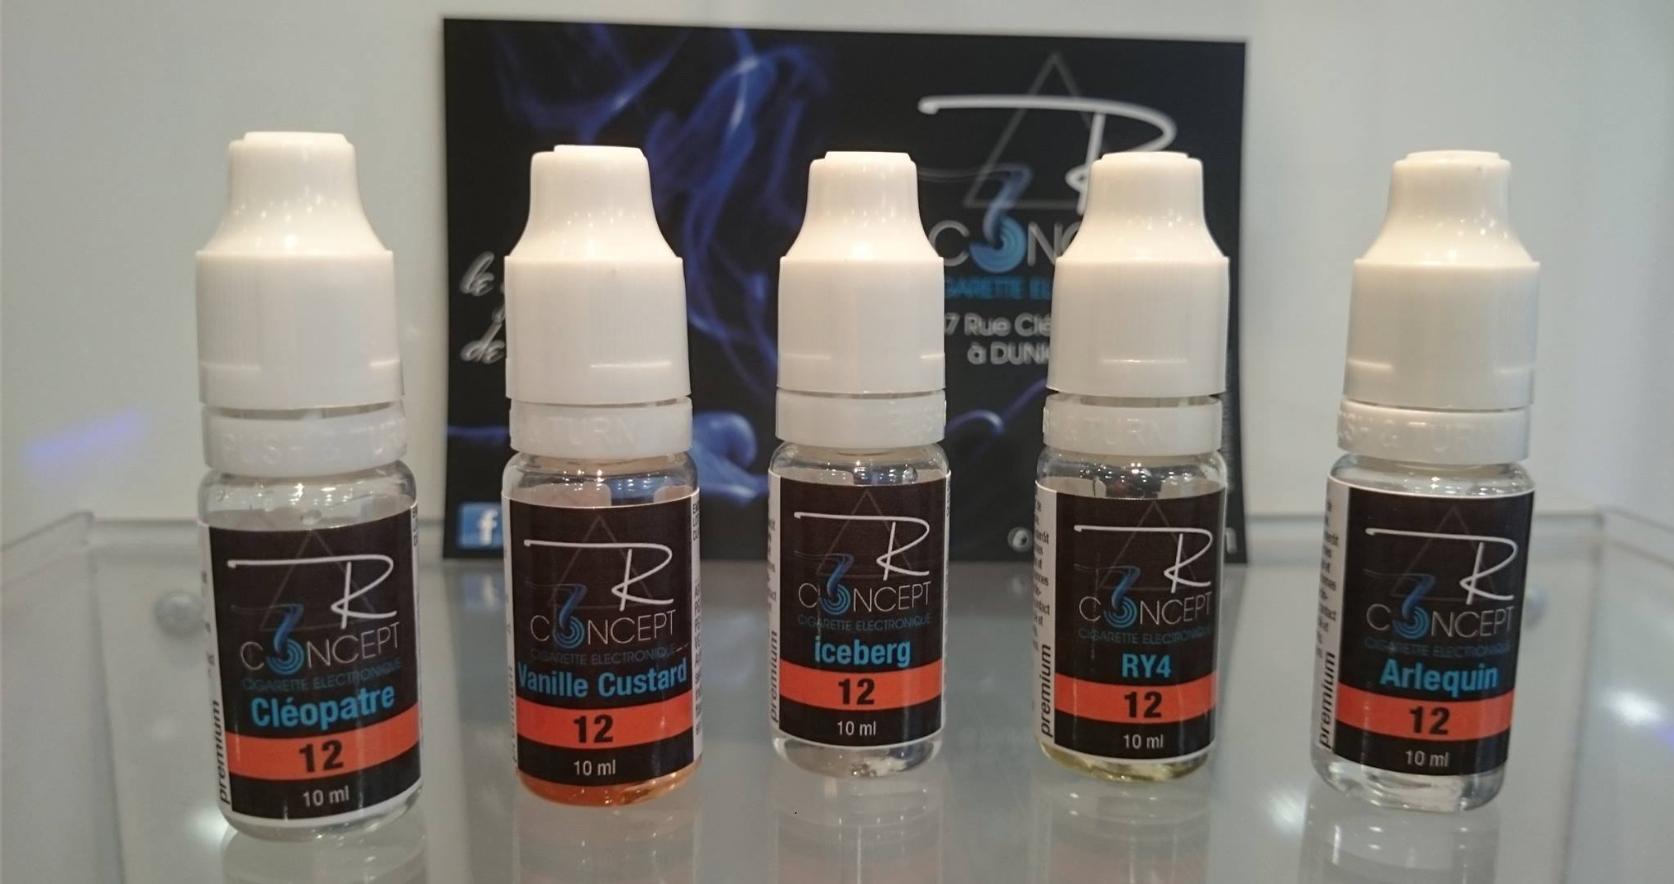 la gamme E liquides R concept développée par AEROMA